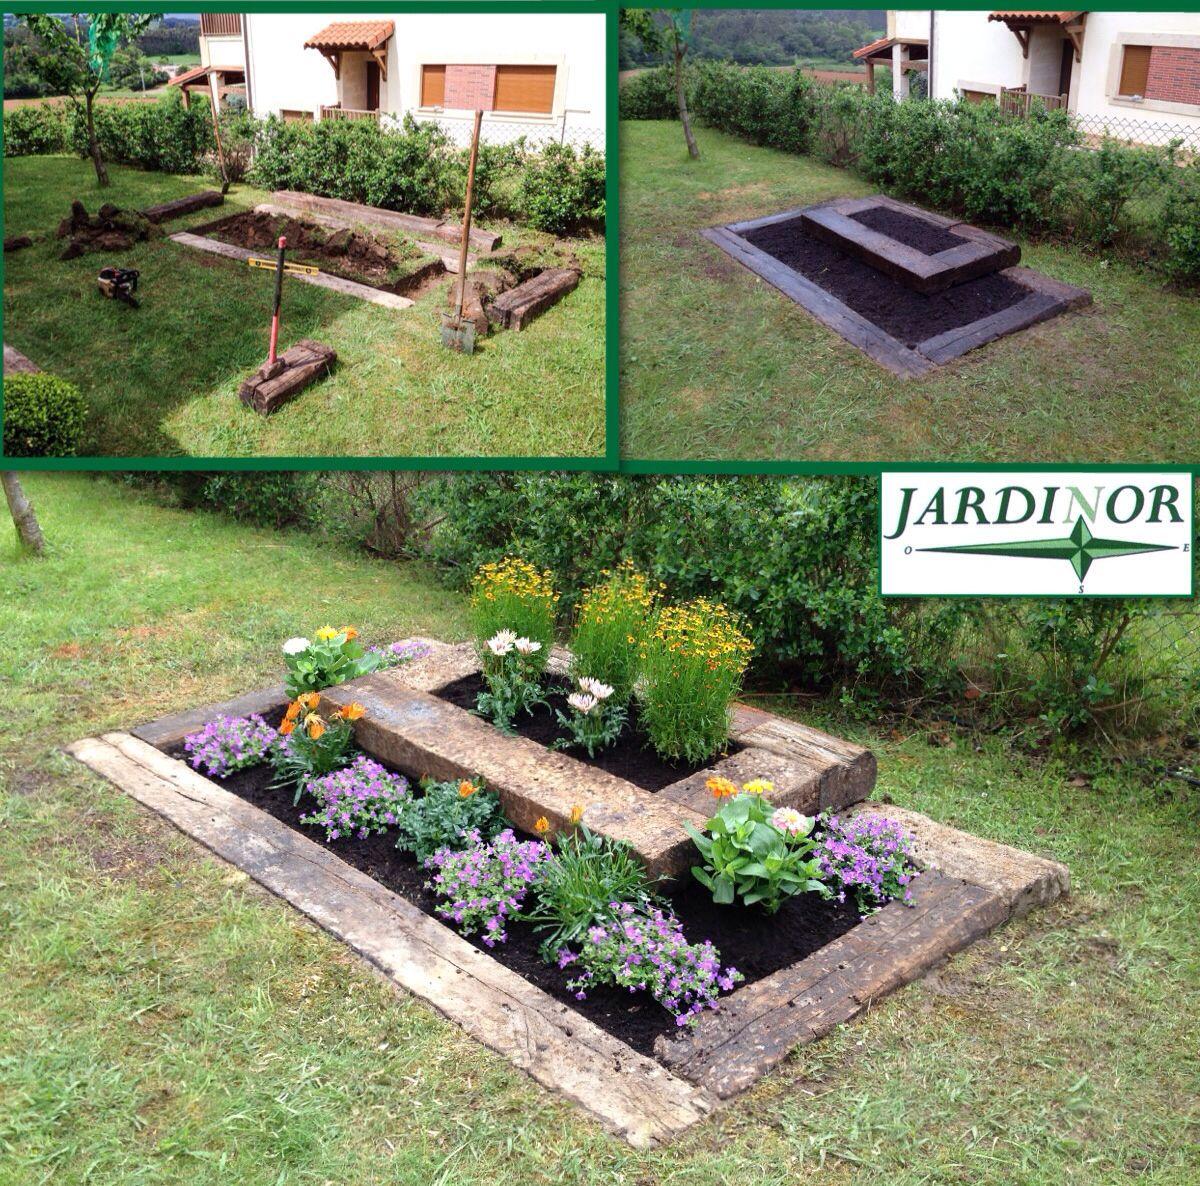 Construcci n de jardinera con traviesas de tren - Traviesas de tren para jardin ...